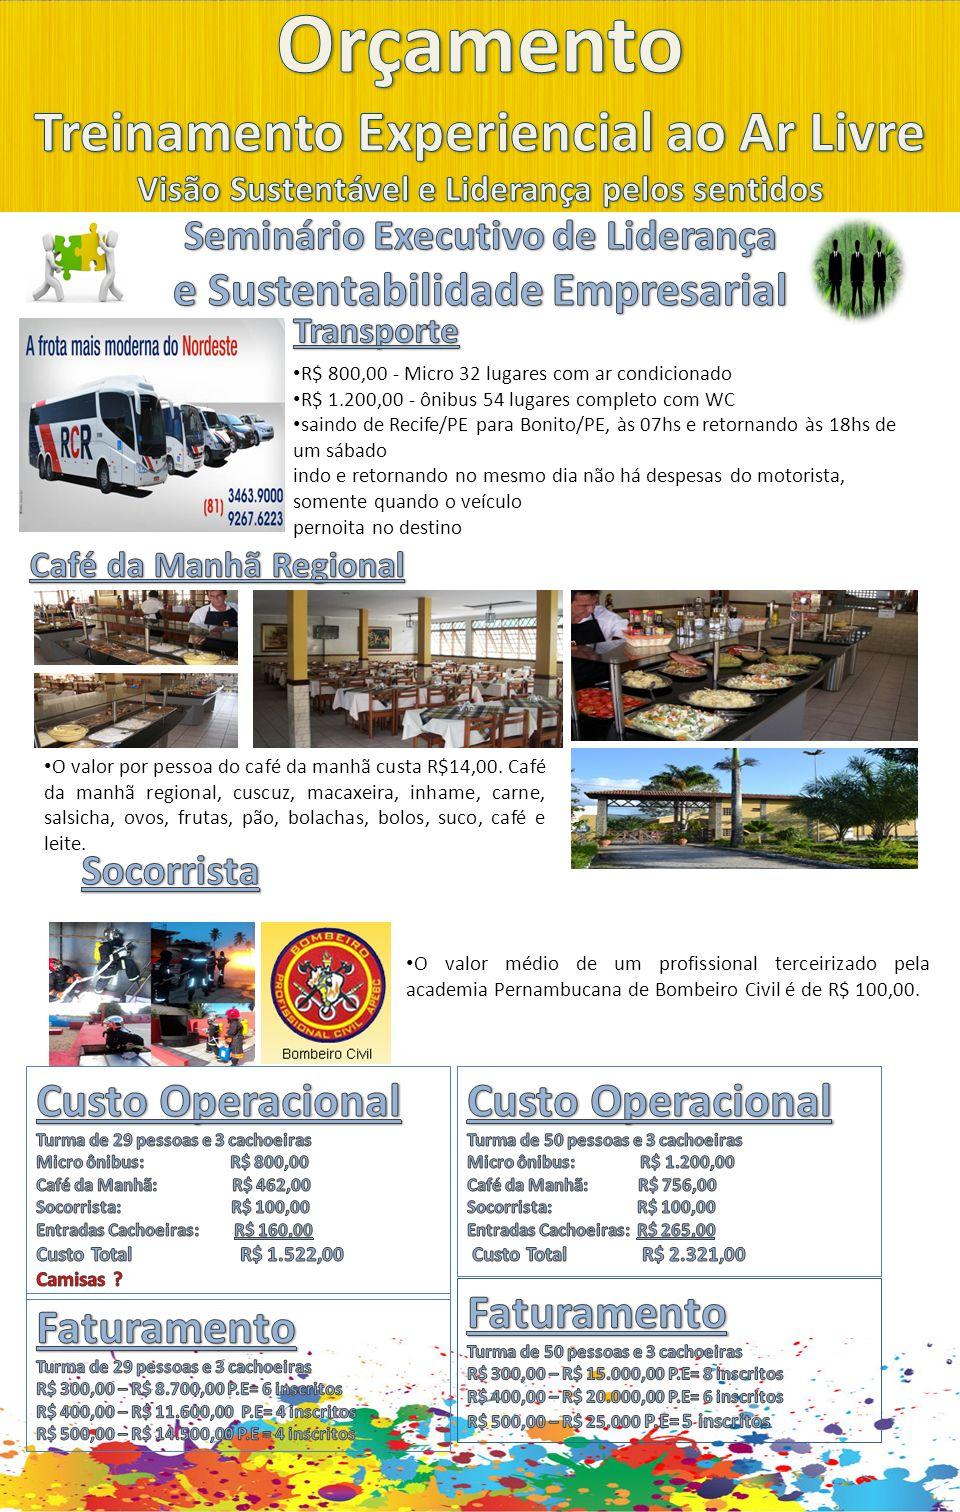 R$ 800,00 - Micro 32 lugares com ar condicionado R$ 1.200,00 - ônibus 54 lugares completo com WC saindo de Recife/PE para Bonito/PE, às 07hs e retorna